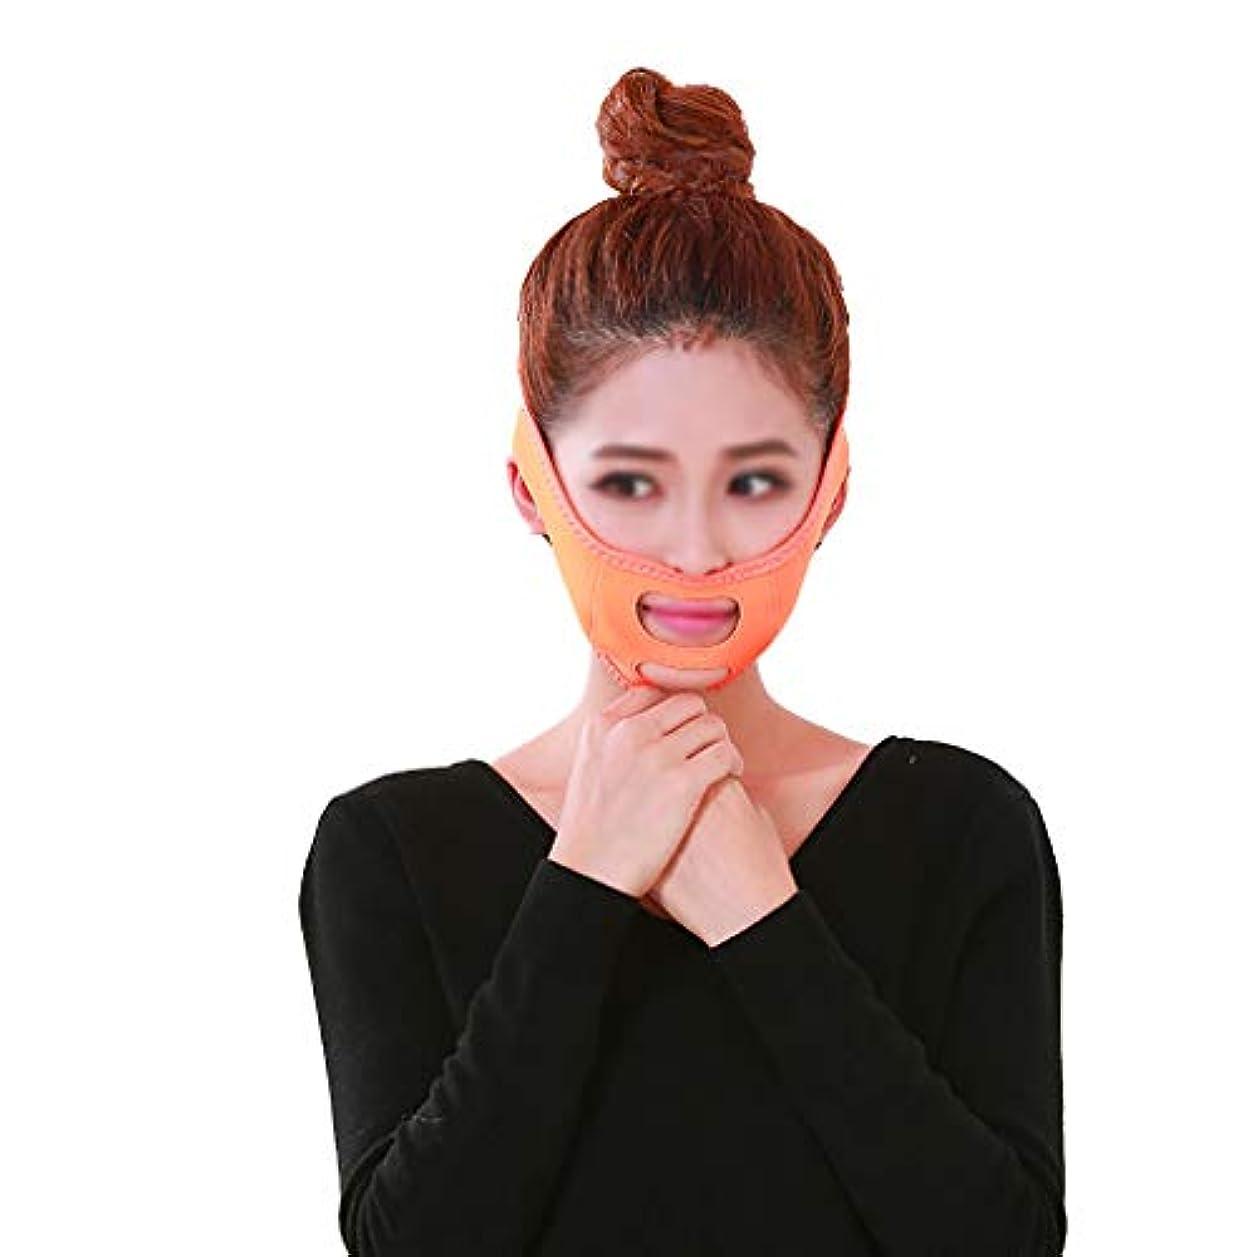 通信する誠実さこのフェイスリフトフェイシャル、肌のリラクゼーションを防ぐVフェイスマスクVフェイスアーチファクトフェイスリフト包帯フェイスケア (Color : Orange)